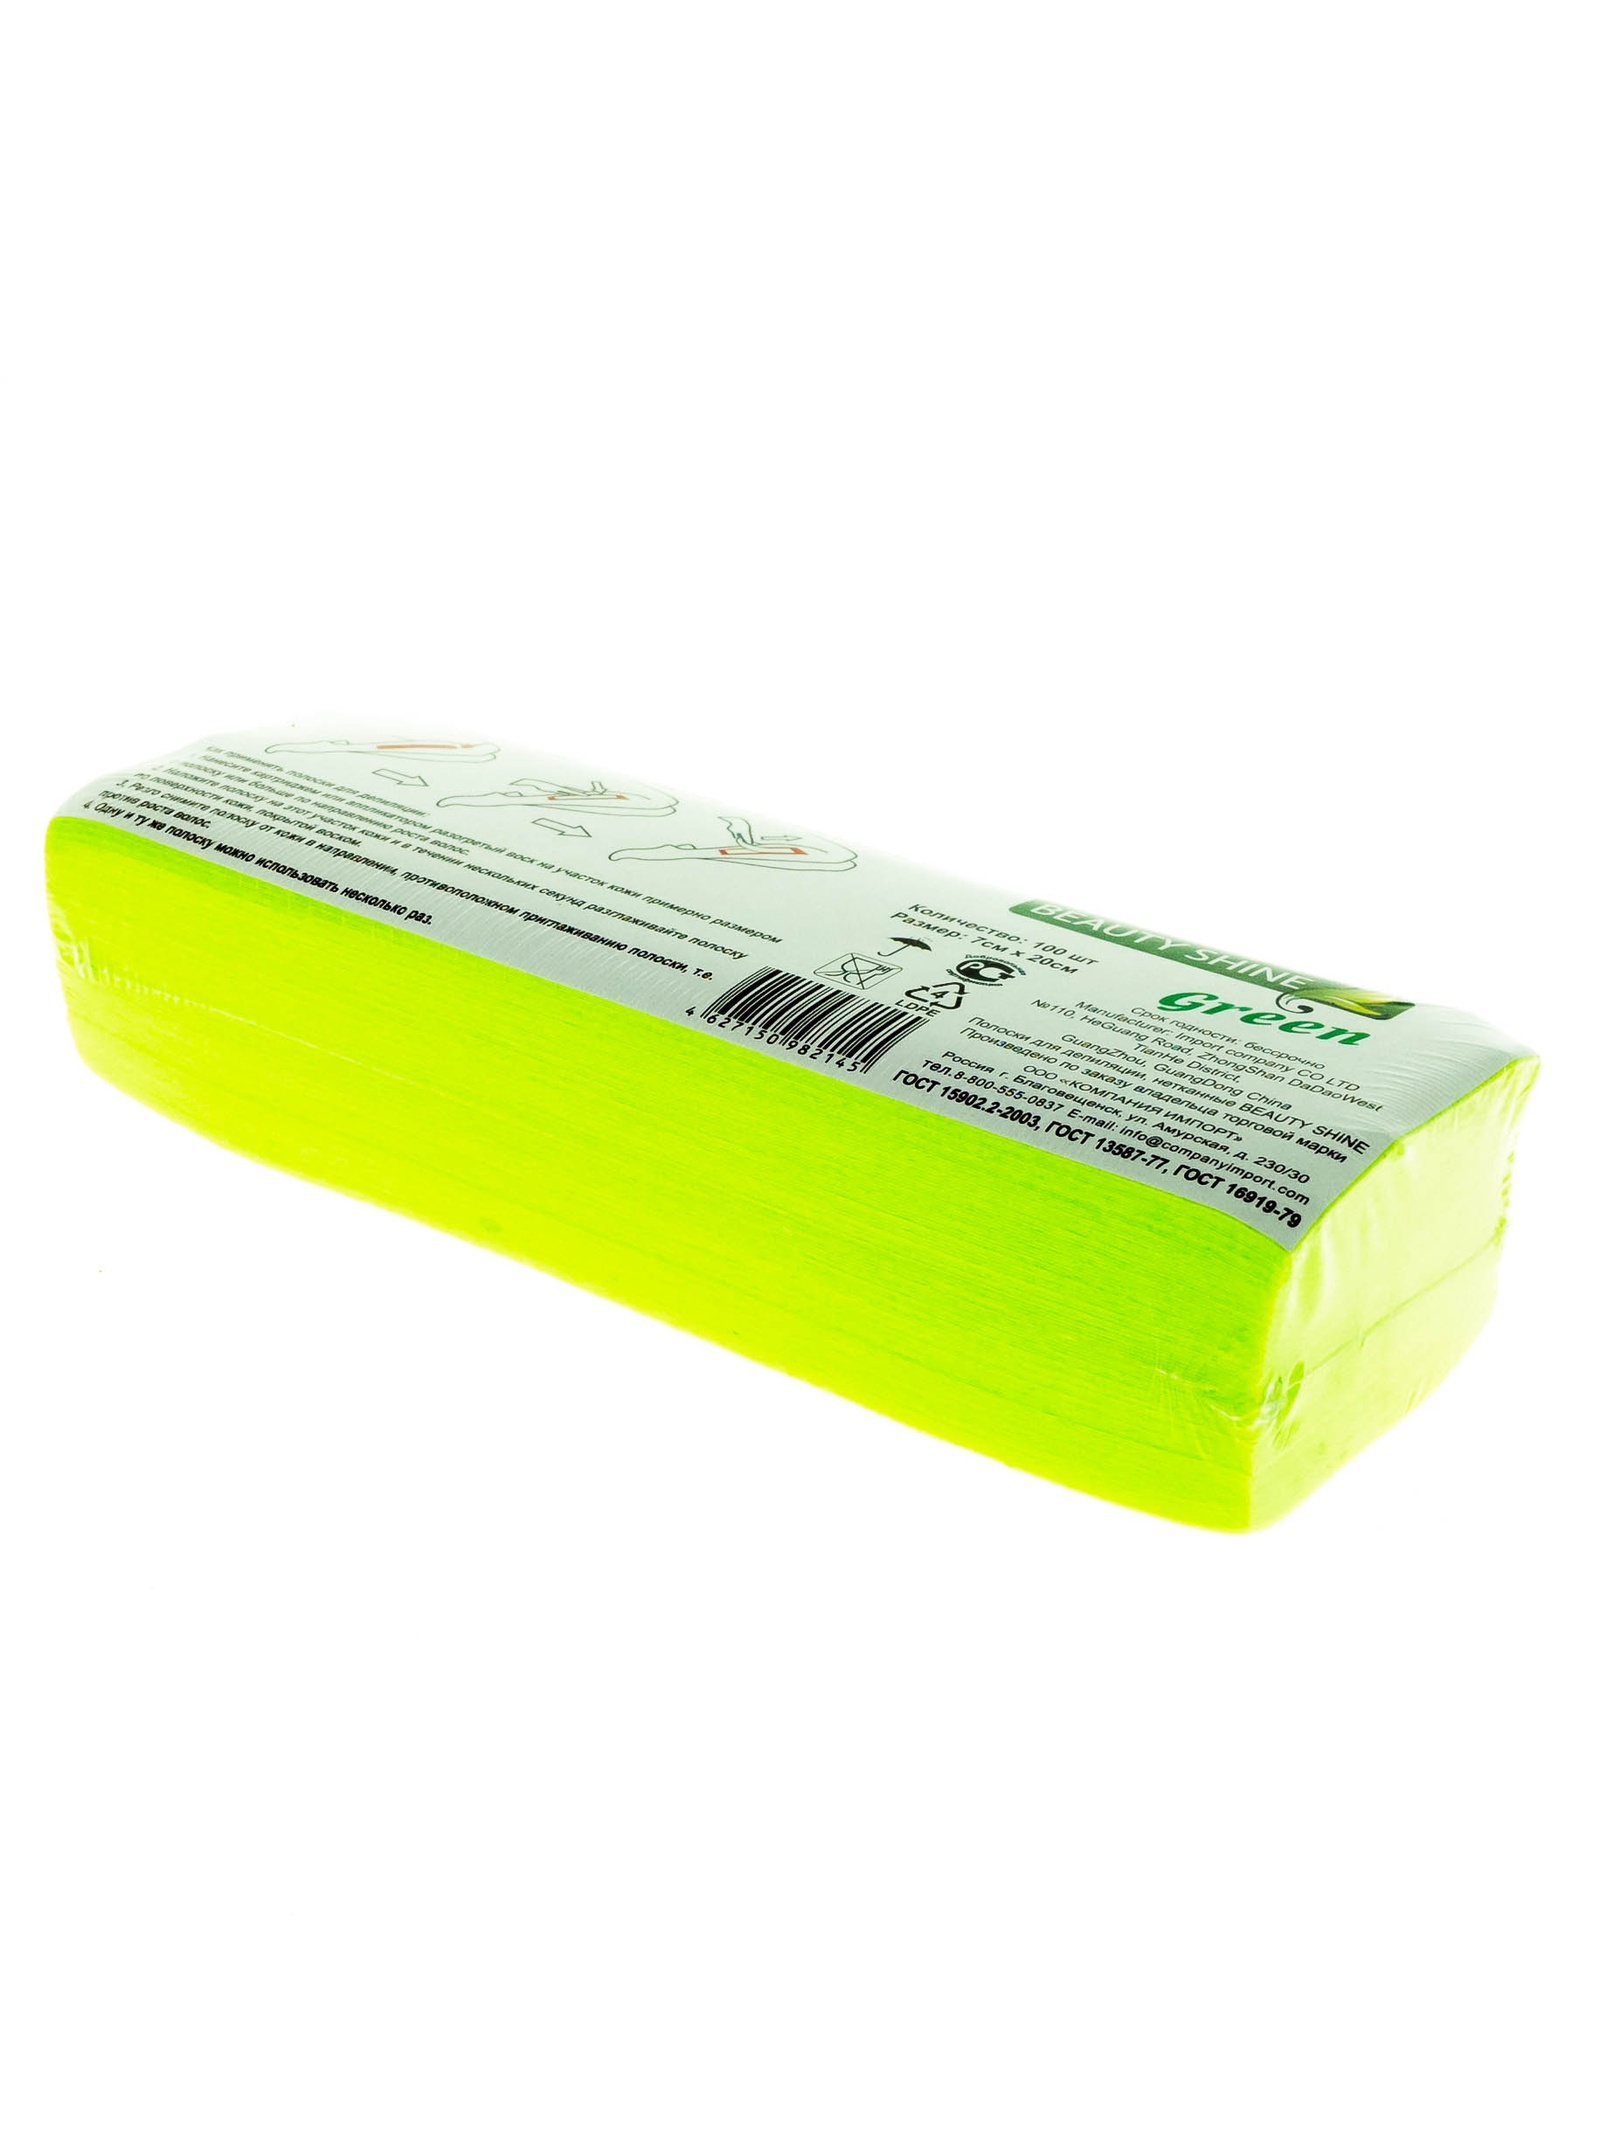 Полоски для депиляции нетканые Beauty Shine Green 982145, 100 шт, зеленый depilica нетканые полоски для эпиляции для лица 3x12 5 см non woven facial strips 100 шт